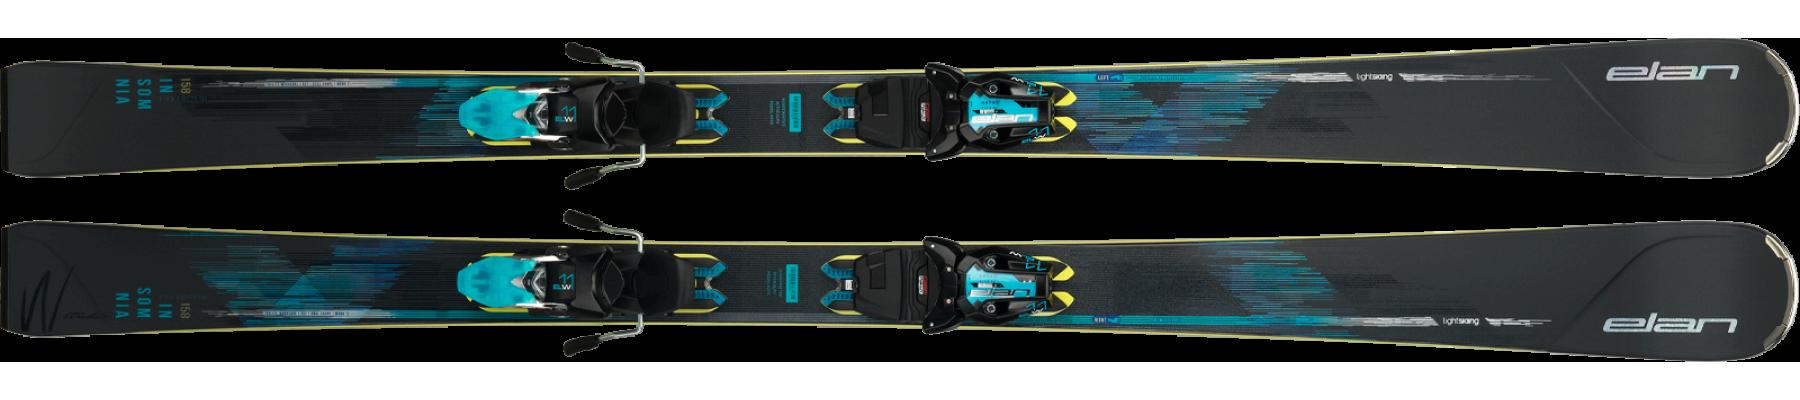 skieuse-excellent-niveau-piste- essais-tests-neige-conseils-produits